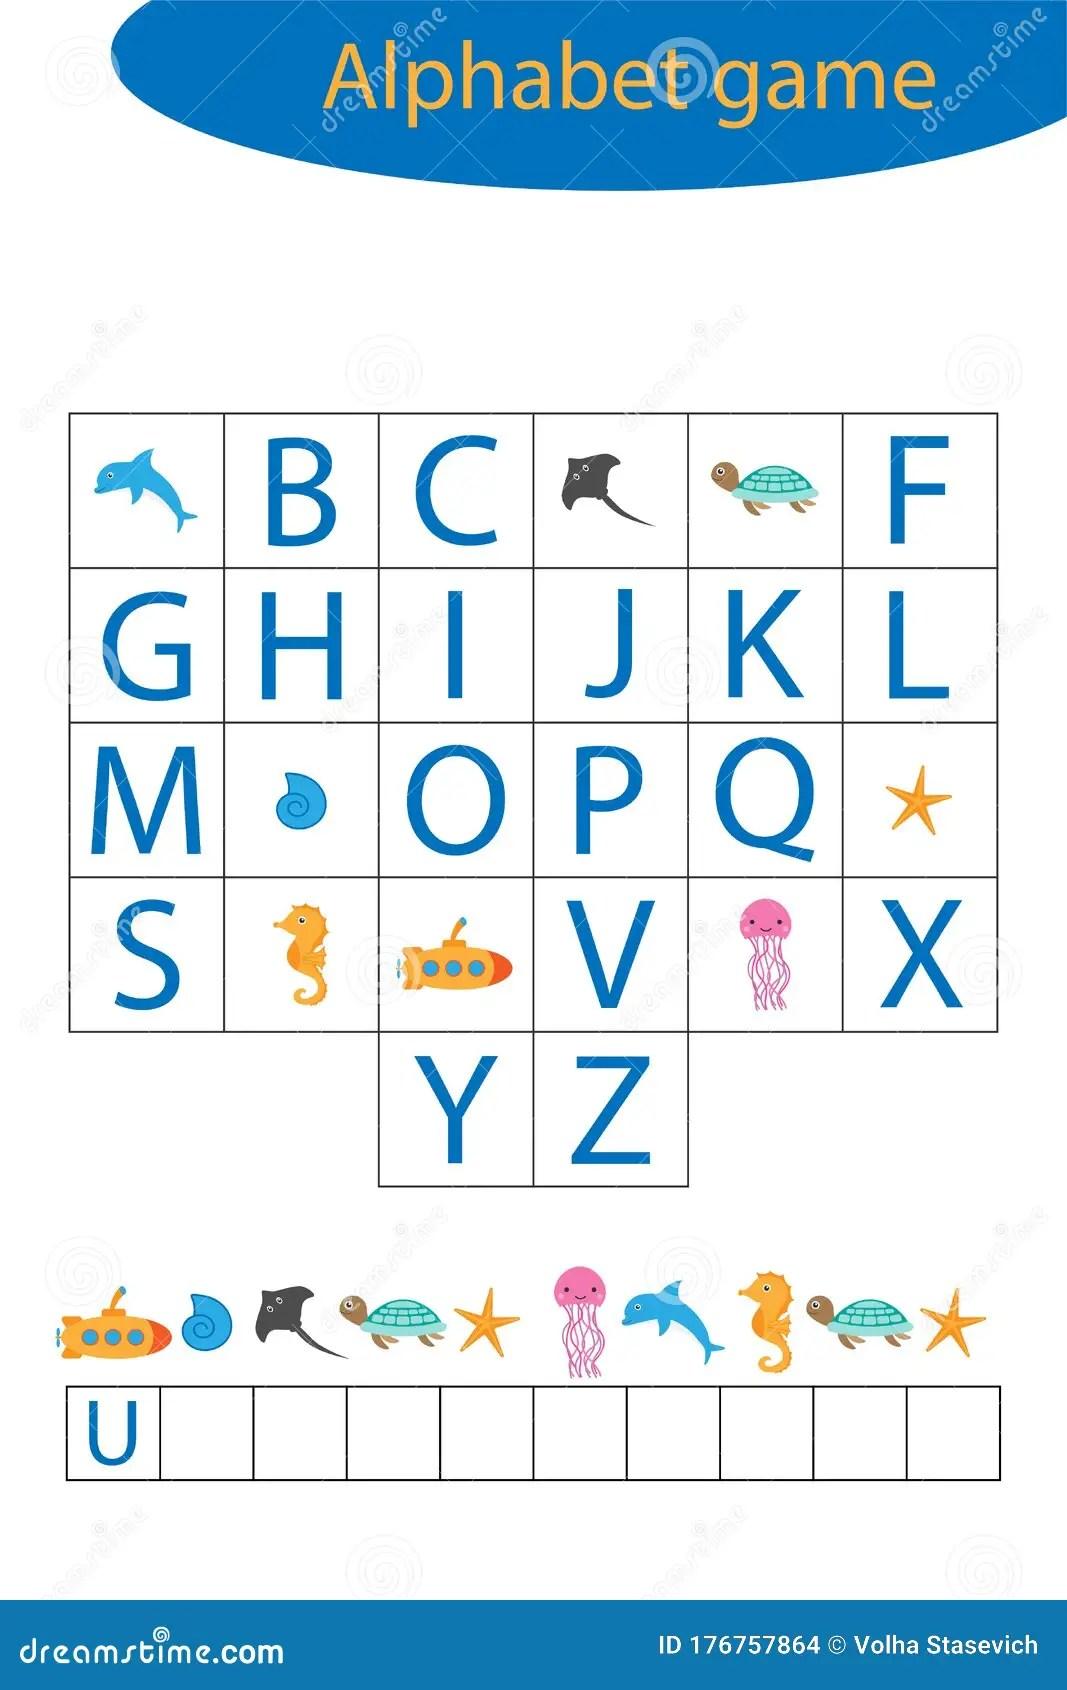 Underwater Alphabet Game For Children Make A Word